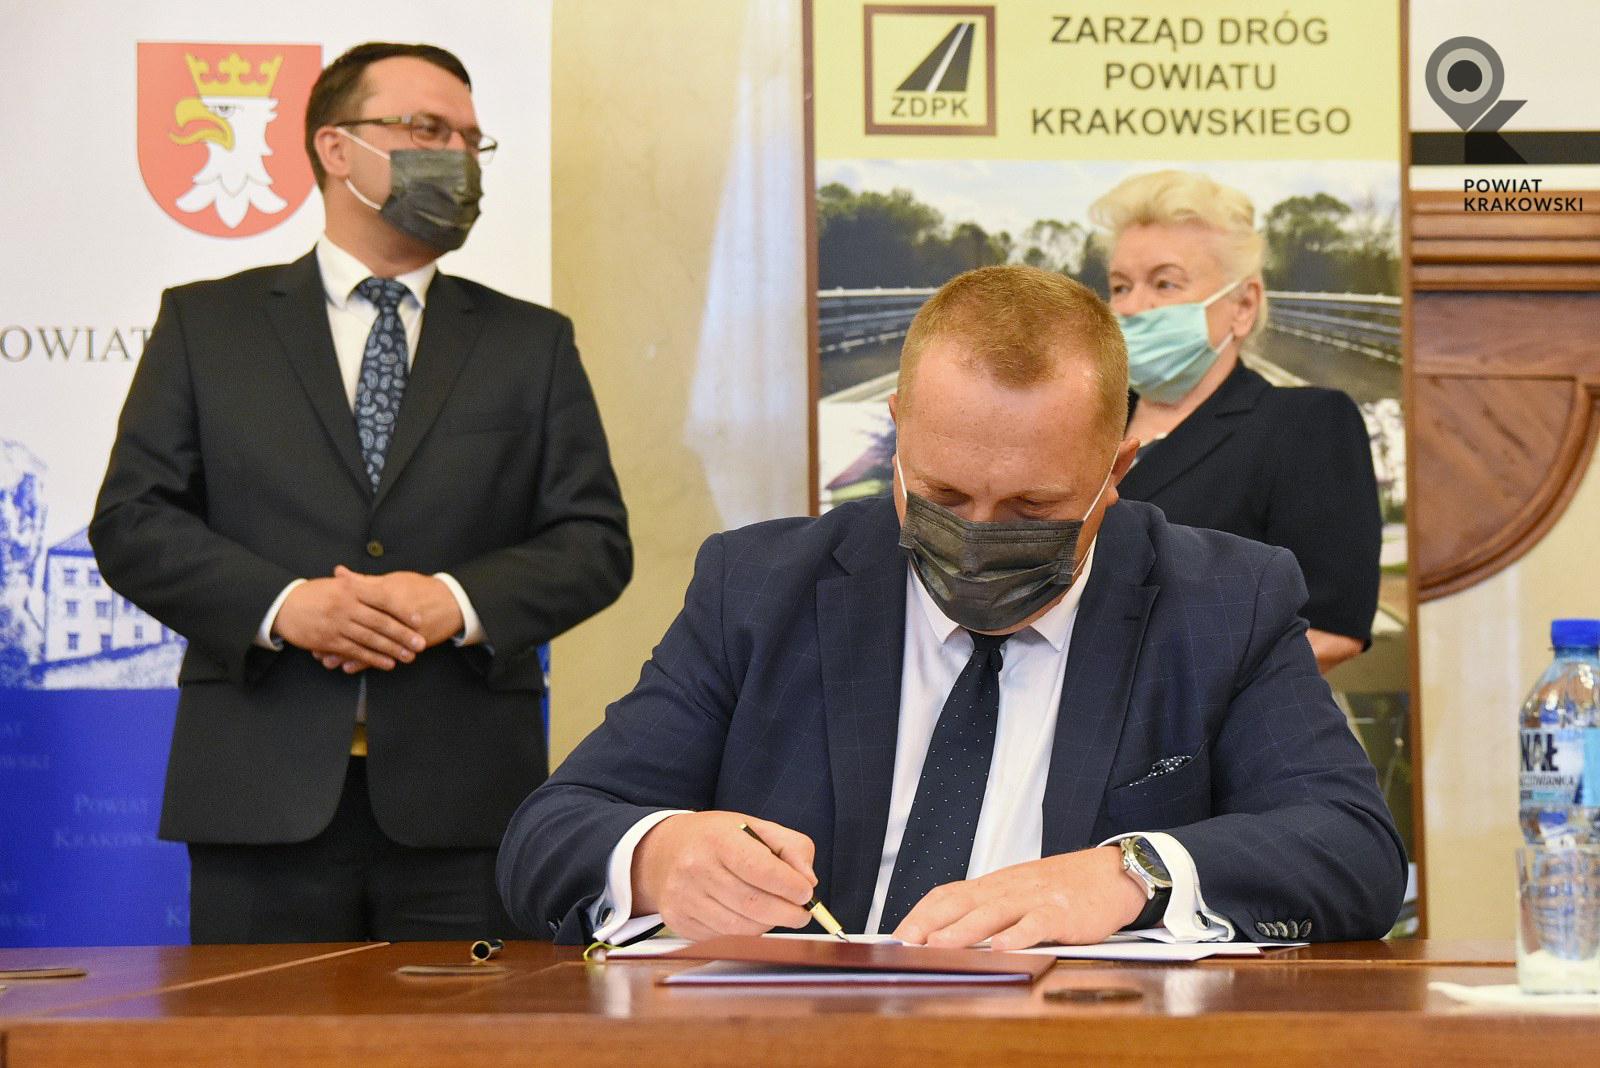 Podpisanie umowy w Starostwie Powiatowym w Krakowie 3